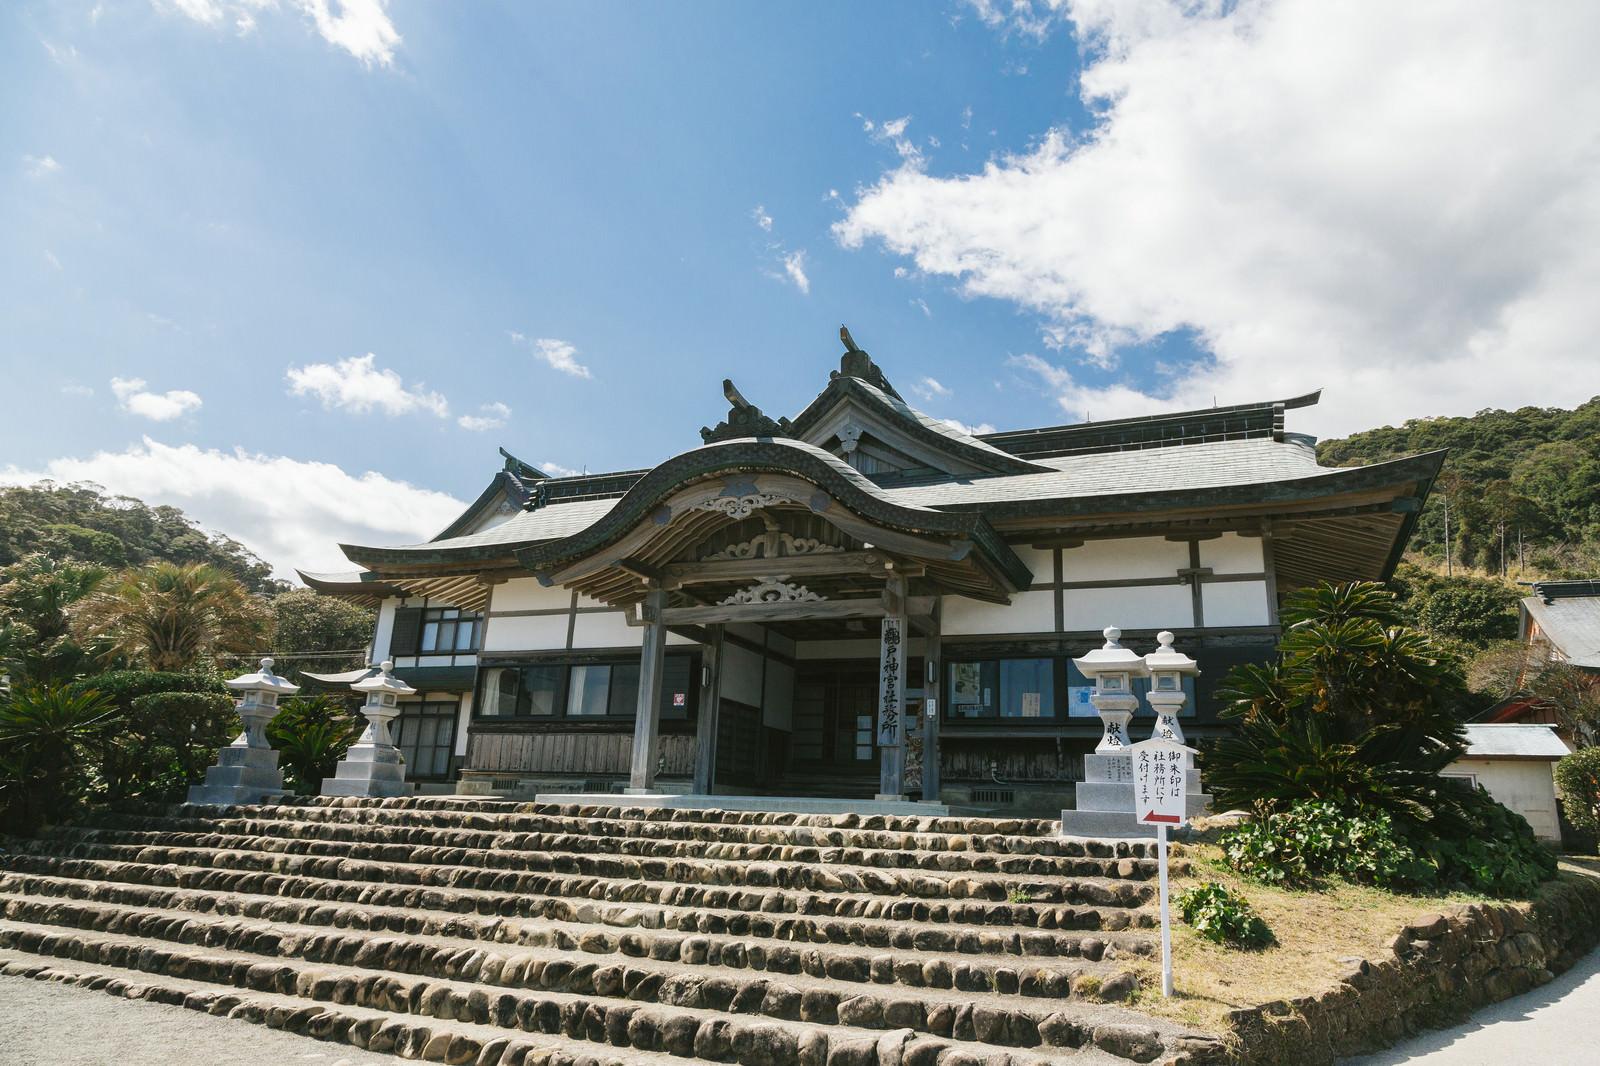 「鵜戸神宮の古い社務所」の写真